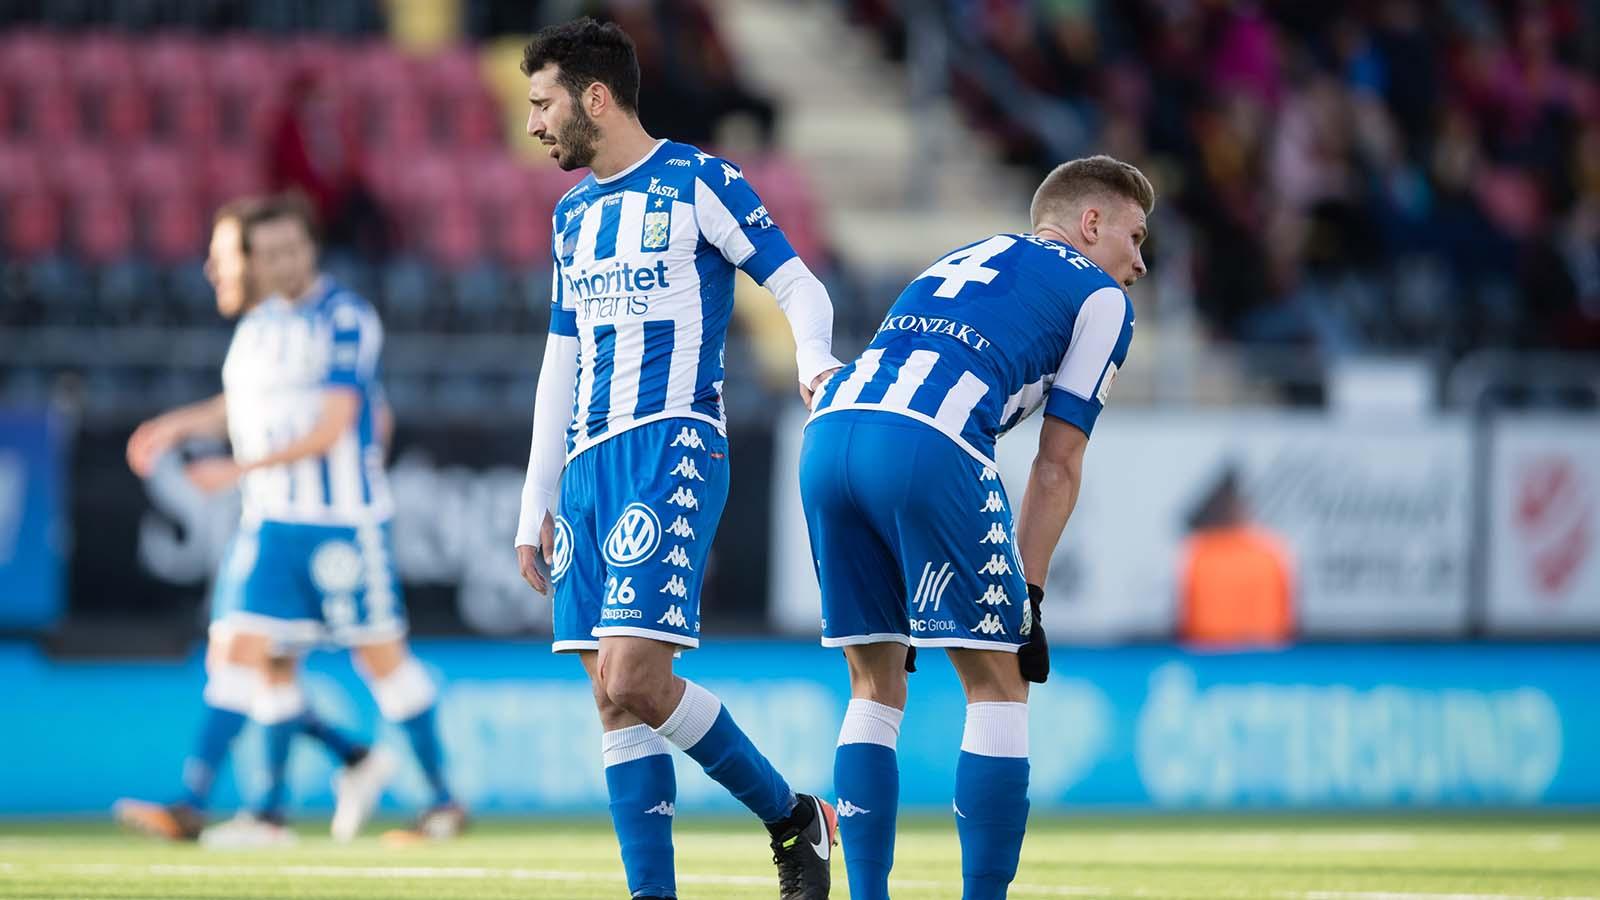 180415 IFK Göteborgs Gustav Engvall och Carl Starfelt deppar under fotbollsmatchen i Allsvenskan mellan Östersund och IFK Göteborg den 15 april 2018 i Östersund. Foto: Tobias Nykänen / BILDBYRÅN / kod TN/ Cop 171